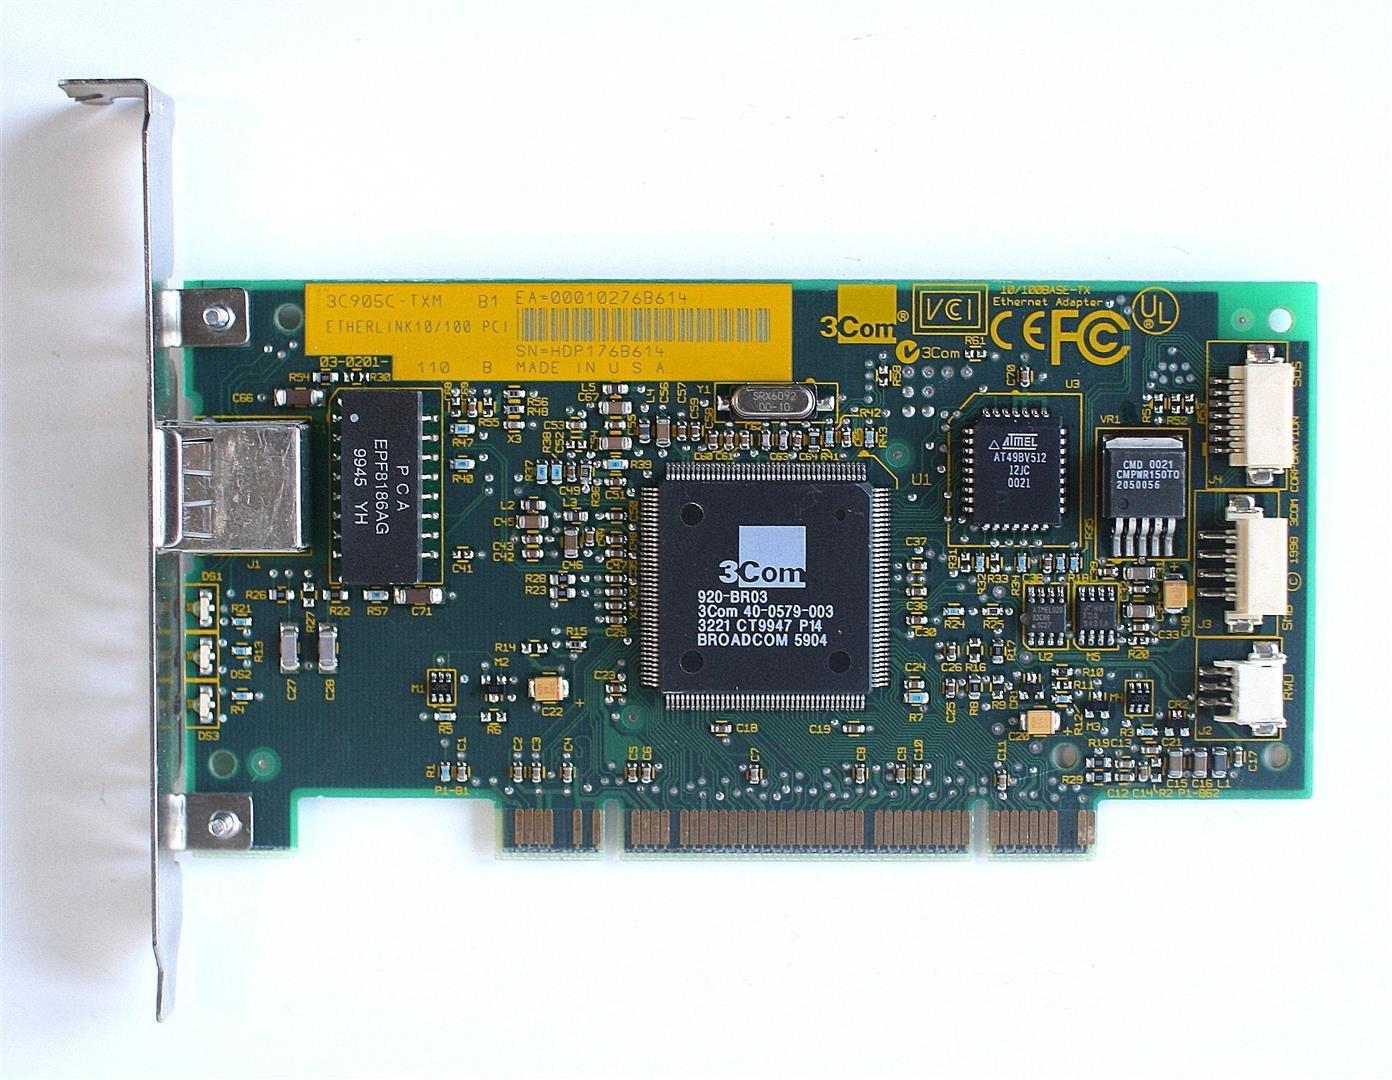 3C905C-TXM ETHERLINK 10 100 PCI 64BIT DRIVER